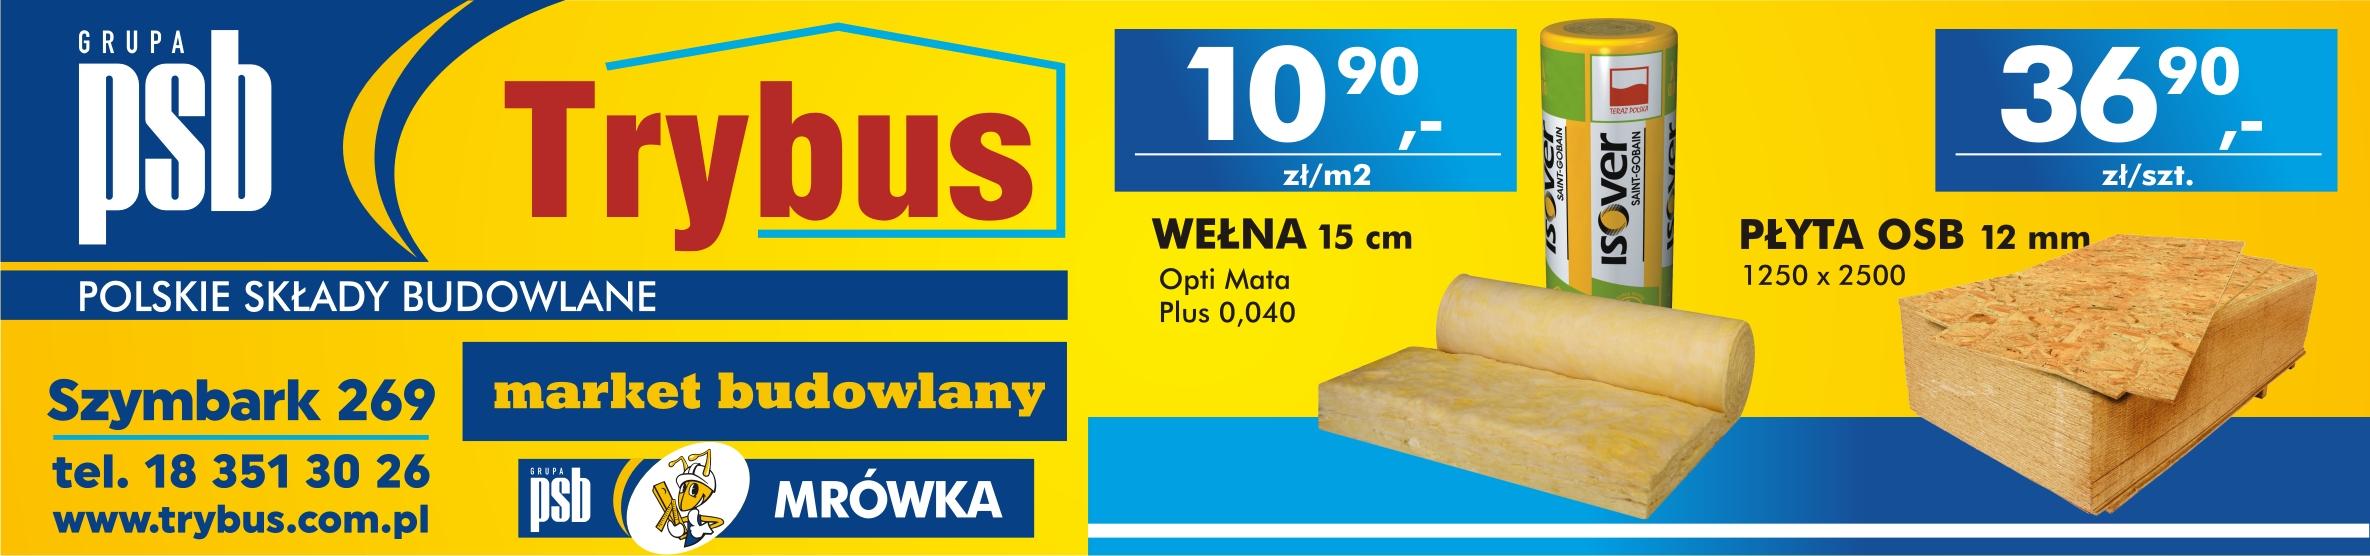 promocja_trybus_wełna_płyta